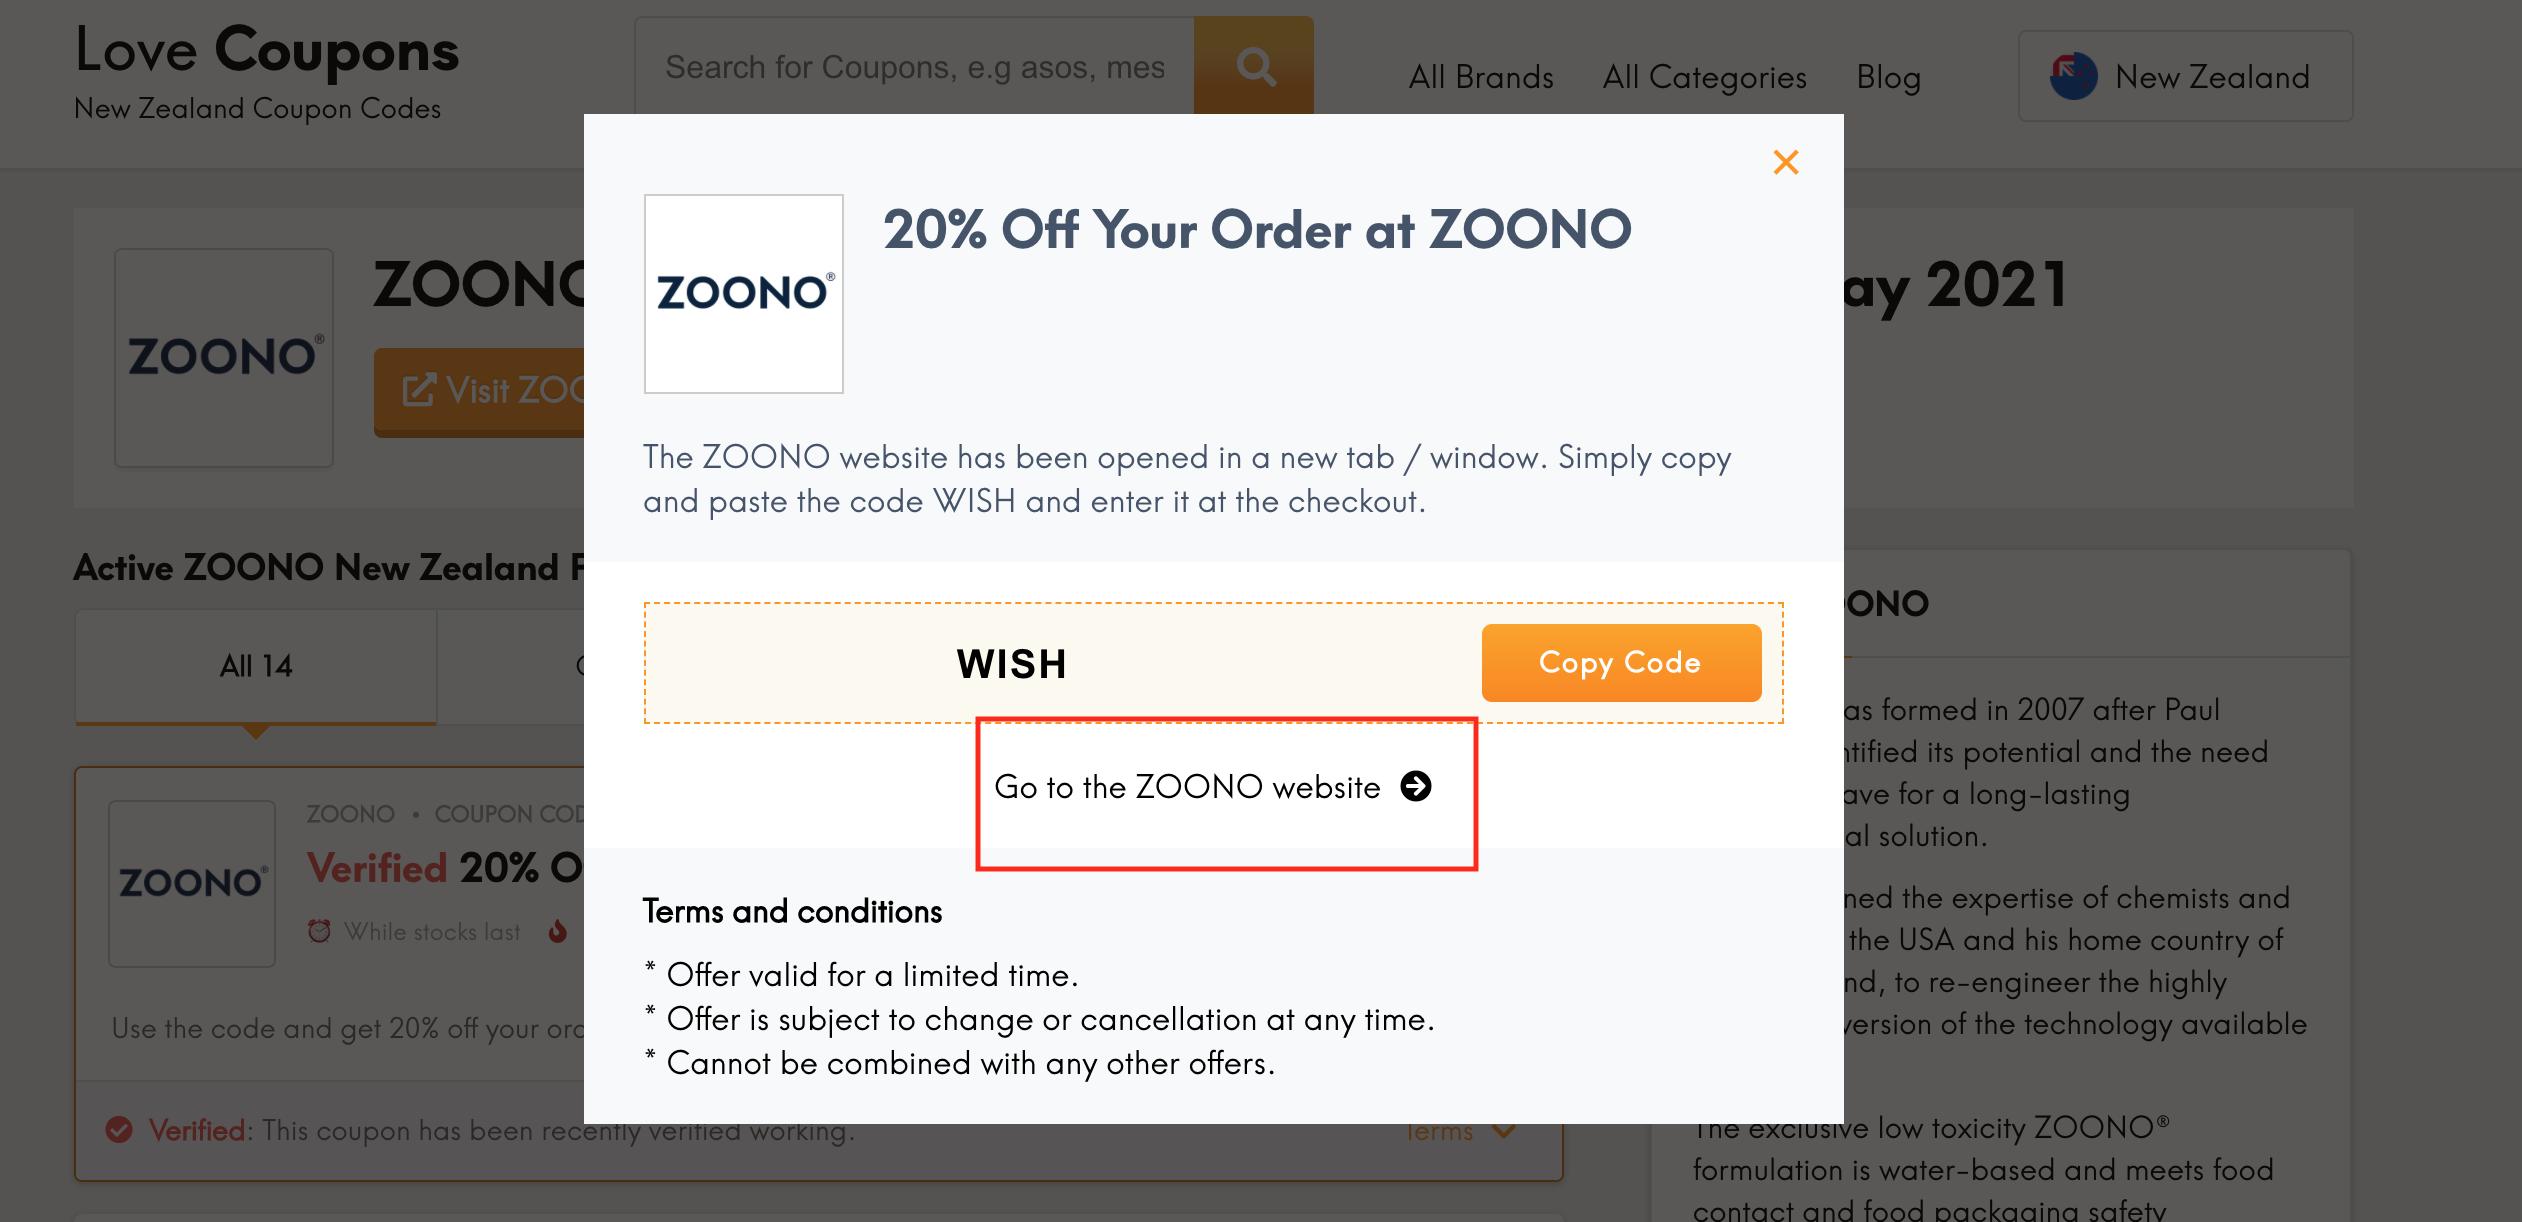 zoonoo go to website